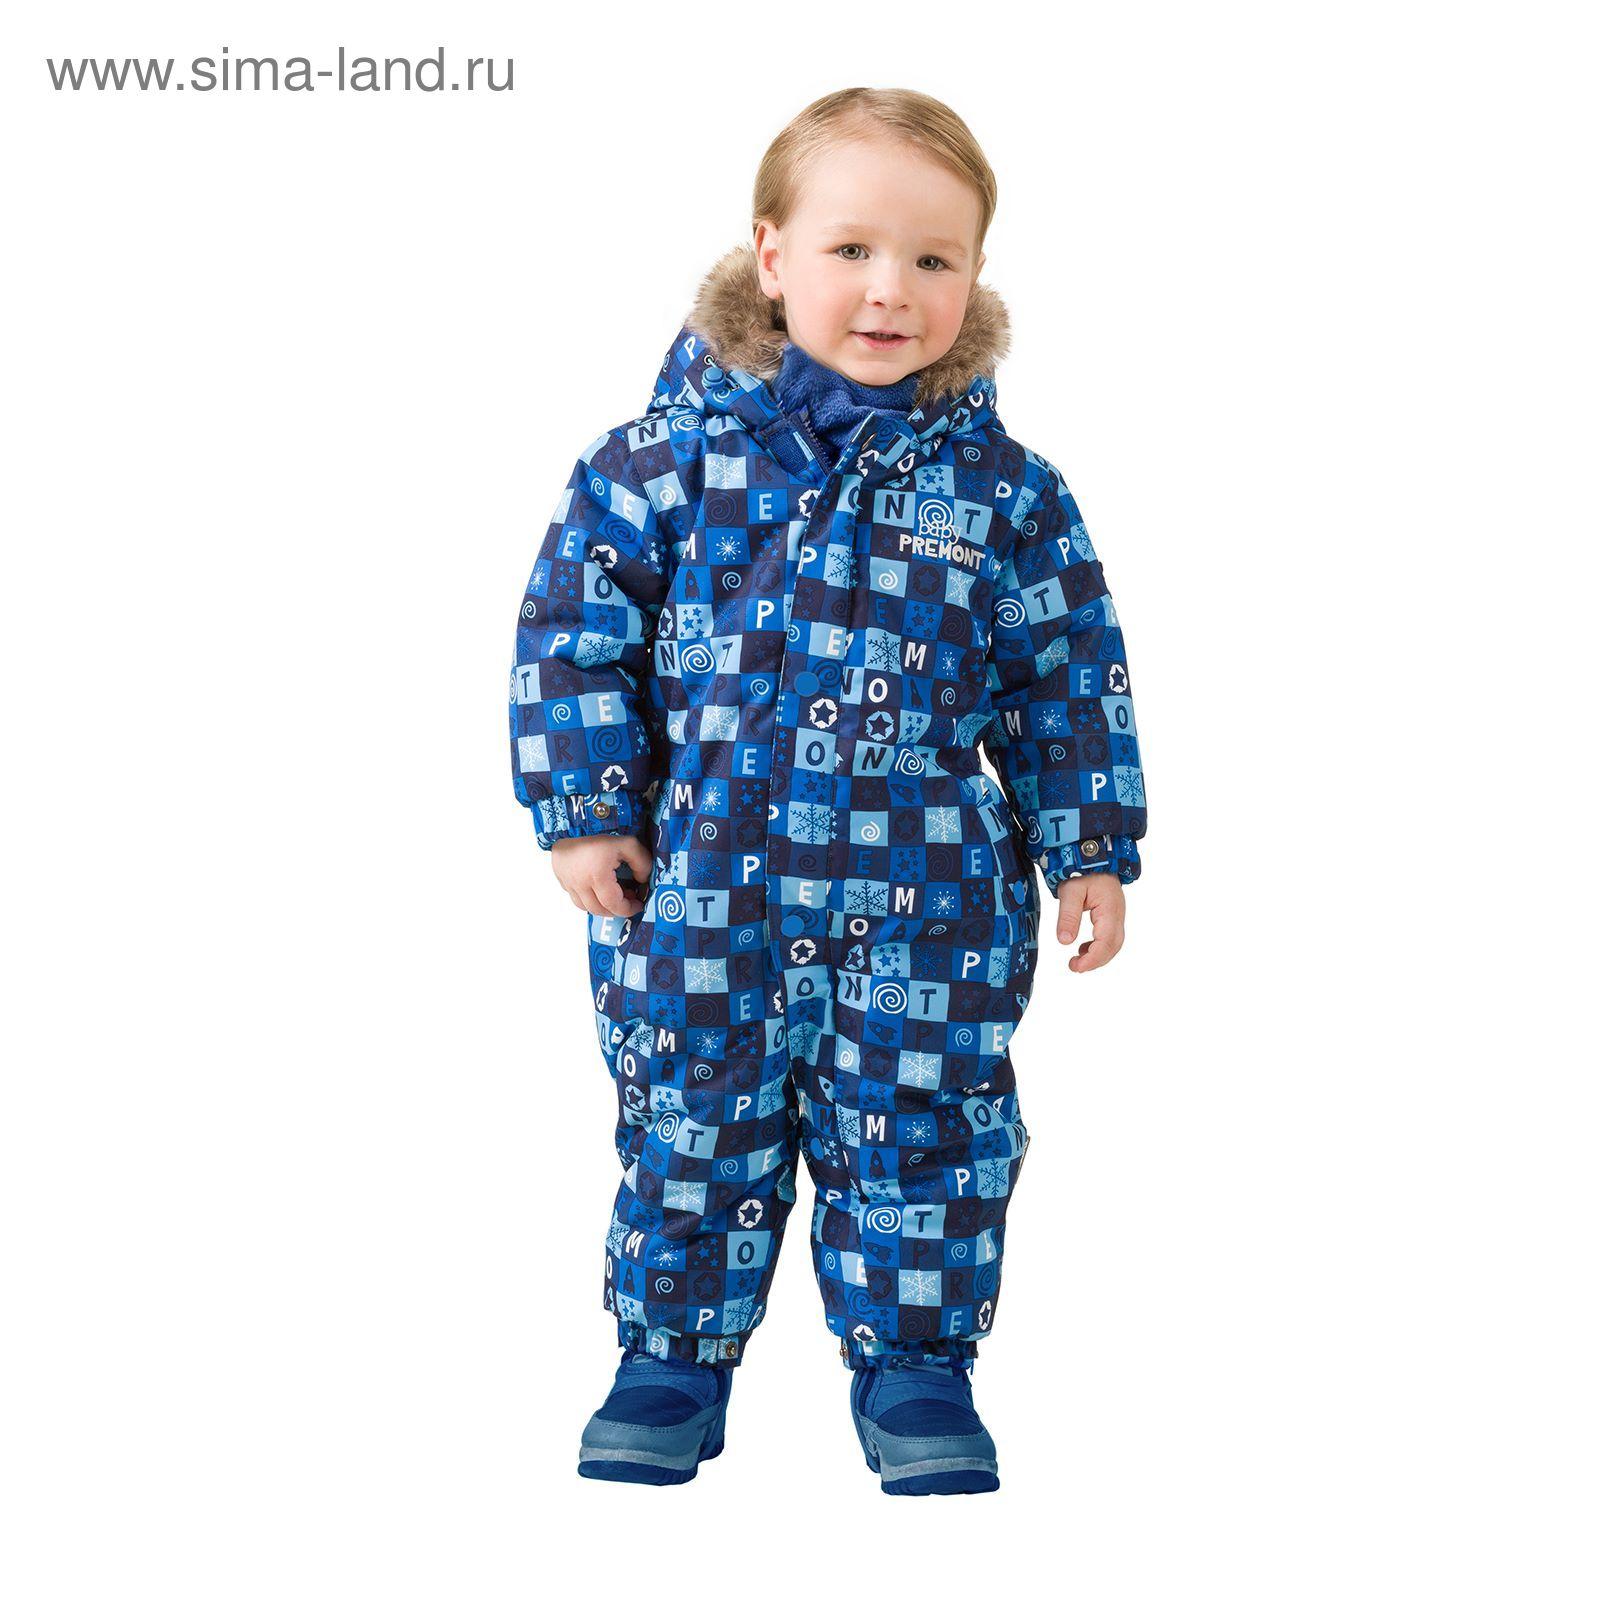 0ed09c68cdc5 Зимний комбинезон для мальчика, рост 86 см, цвет синий W17401_М ...